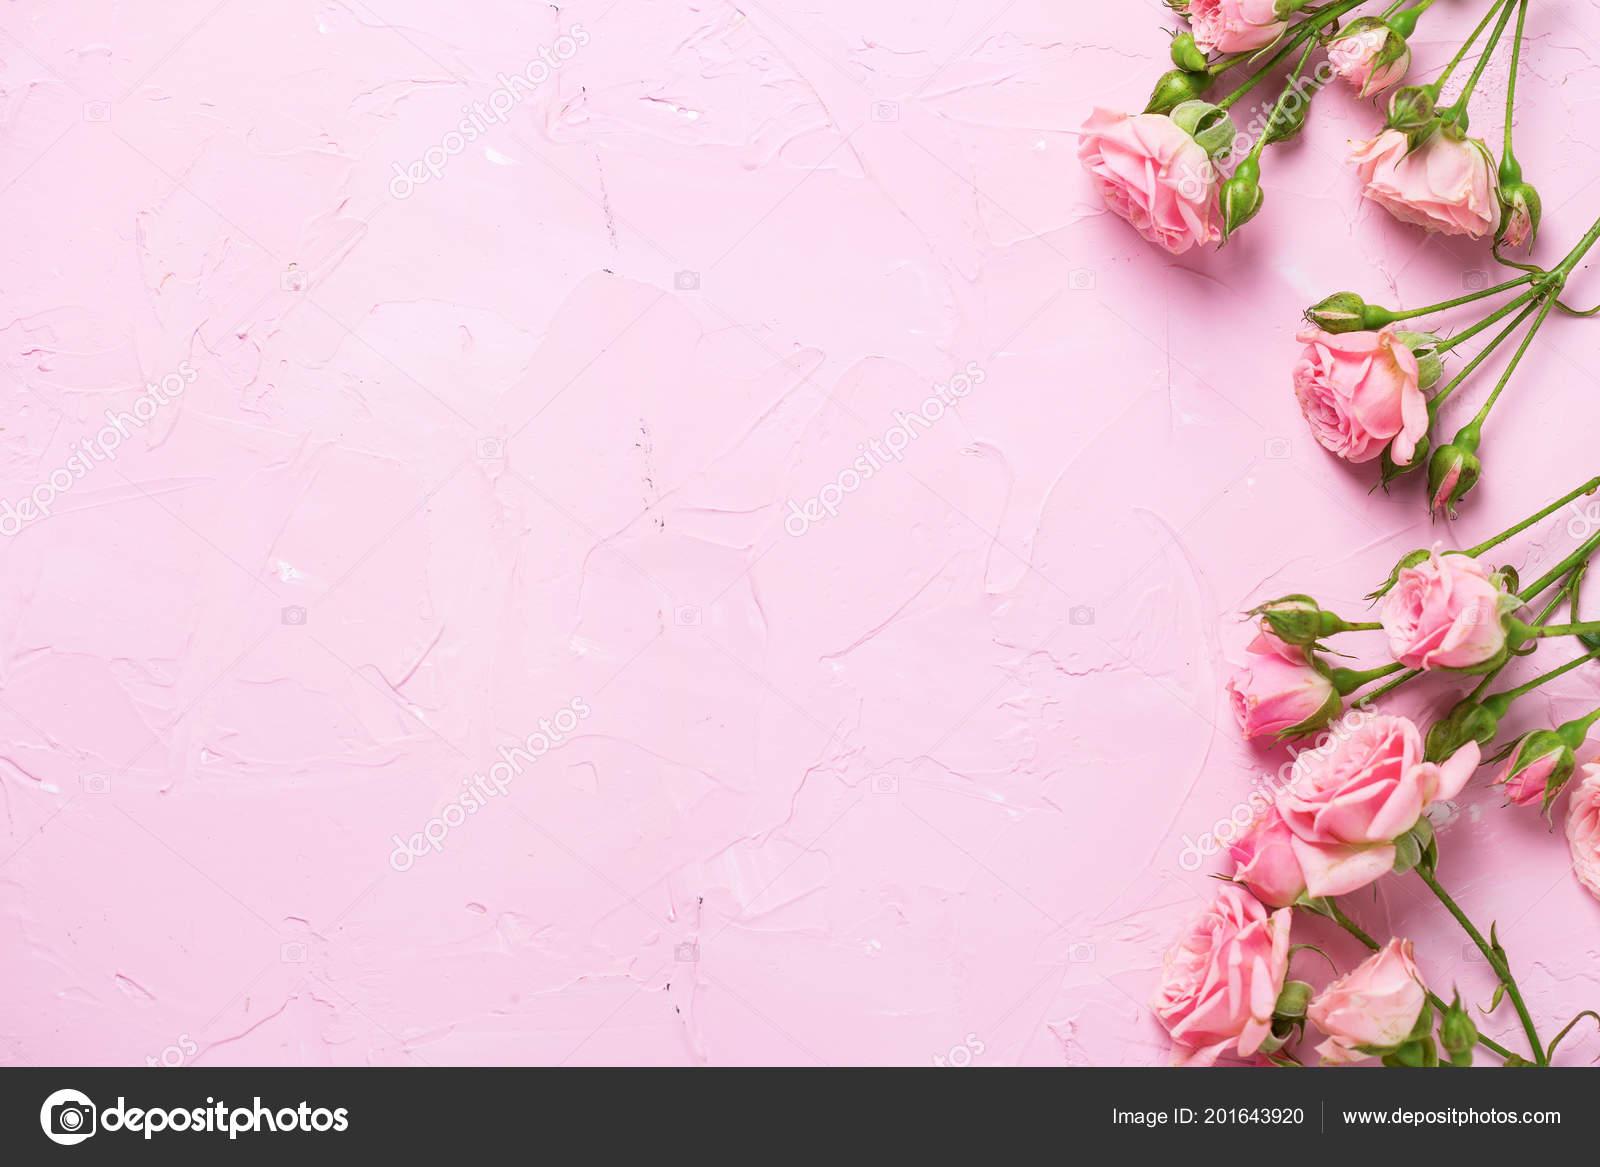 Bordo Dalle Rose Rosa Fiori Sfondo Rosa Con Texture Natura Foto